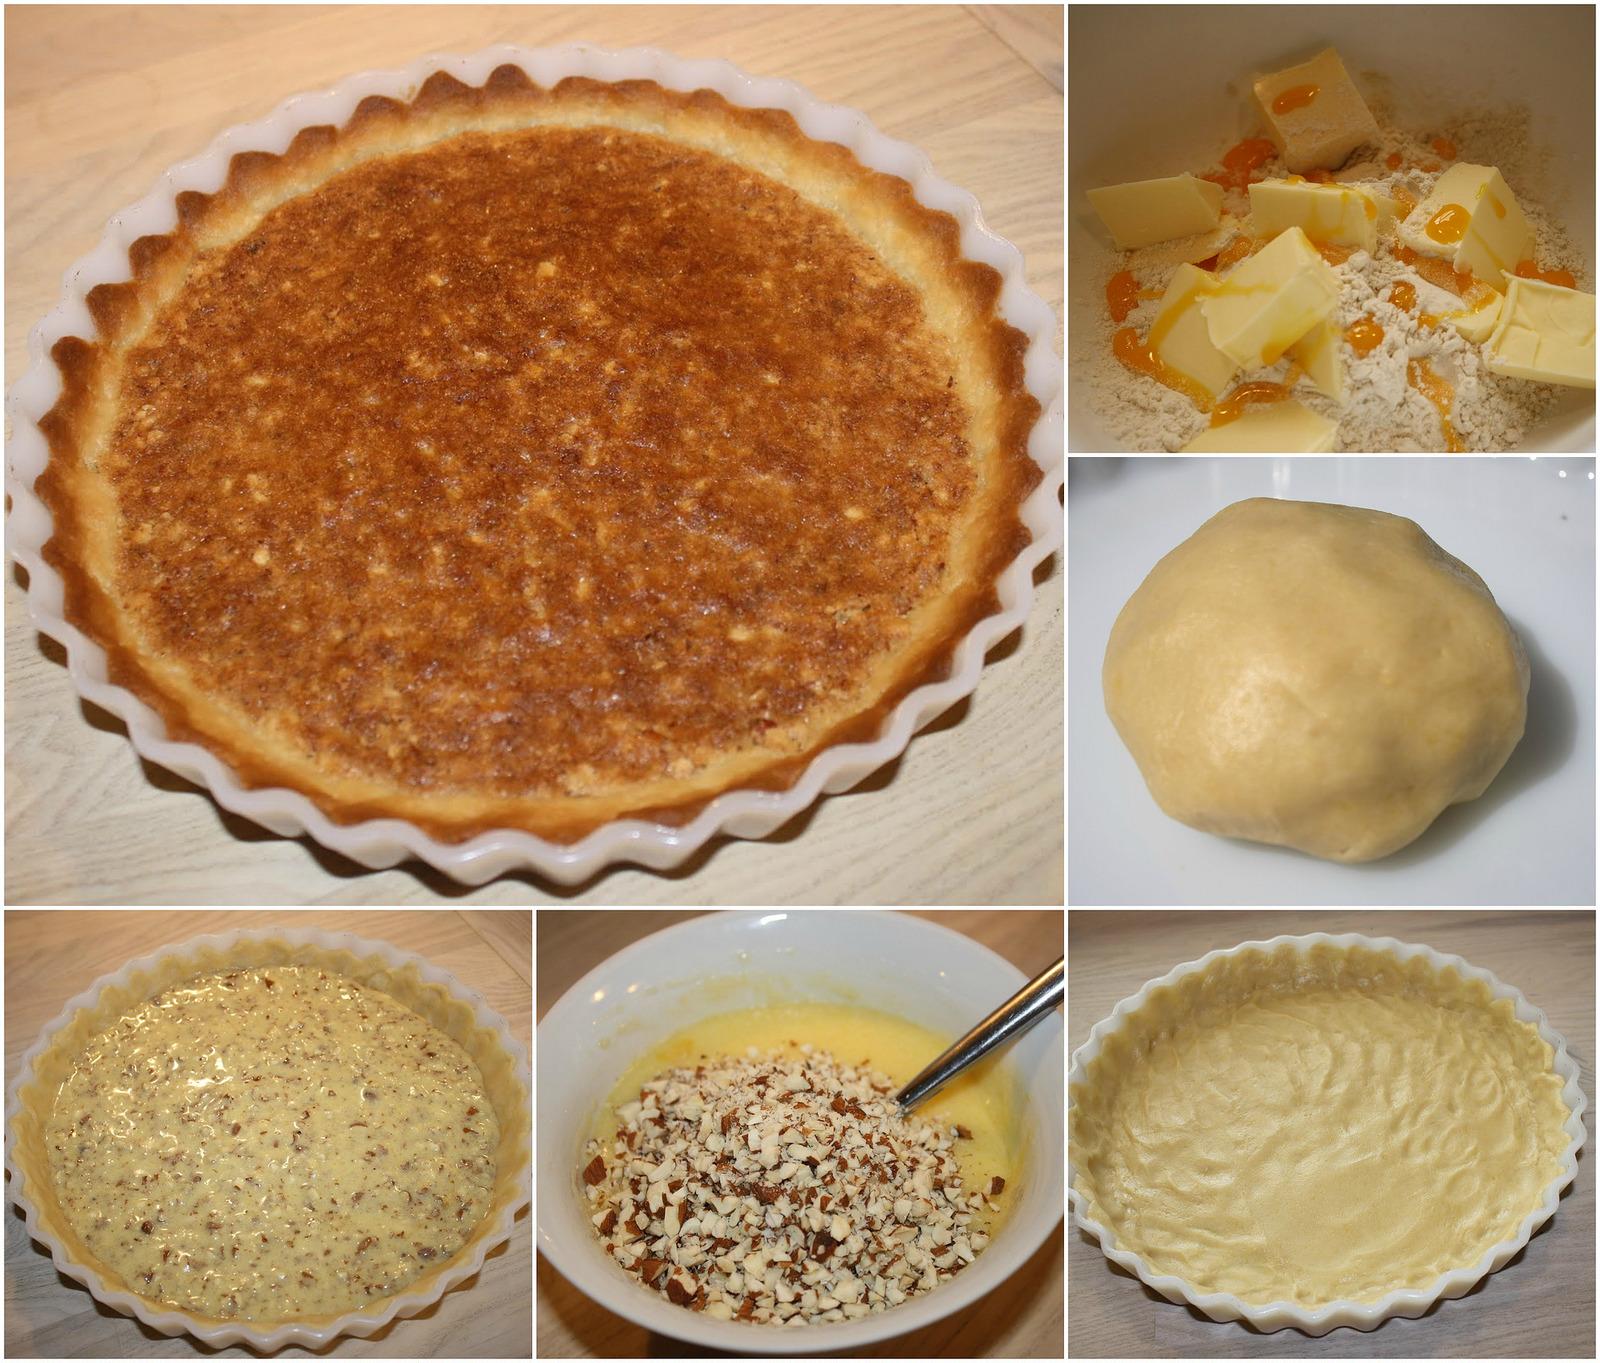 Recipe for Homemade Strawberry Pie